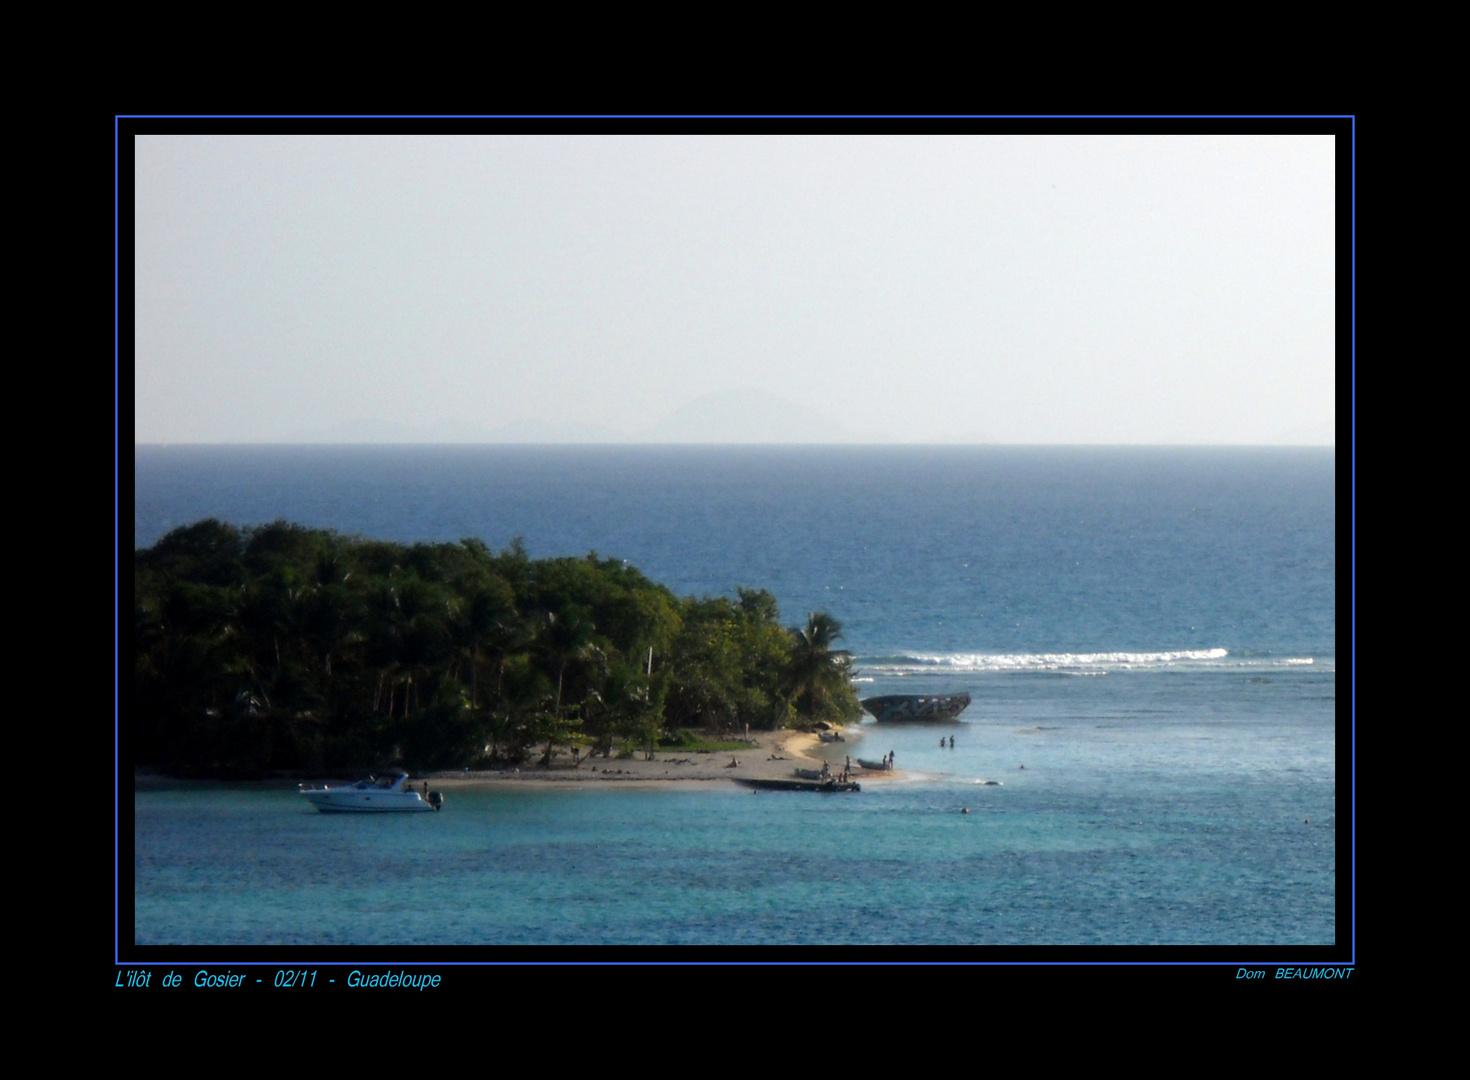 L'îlot de Gosier